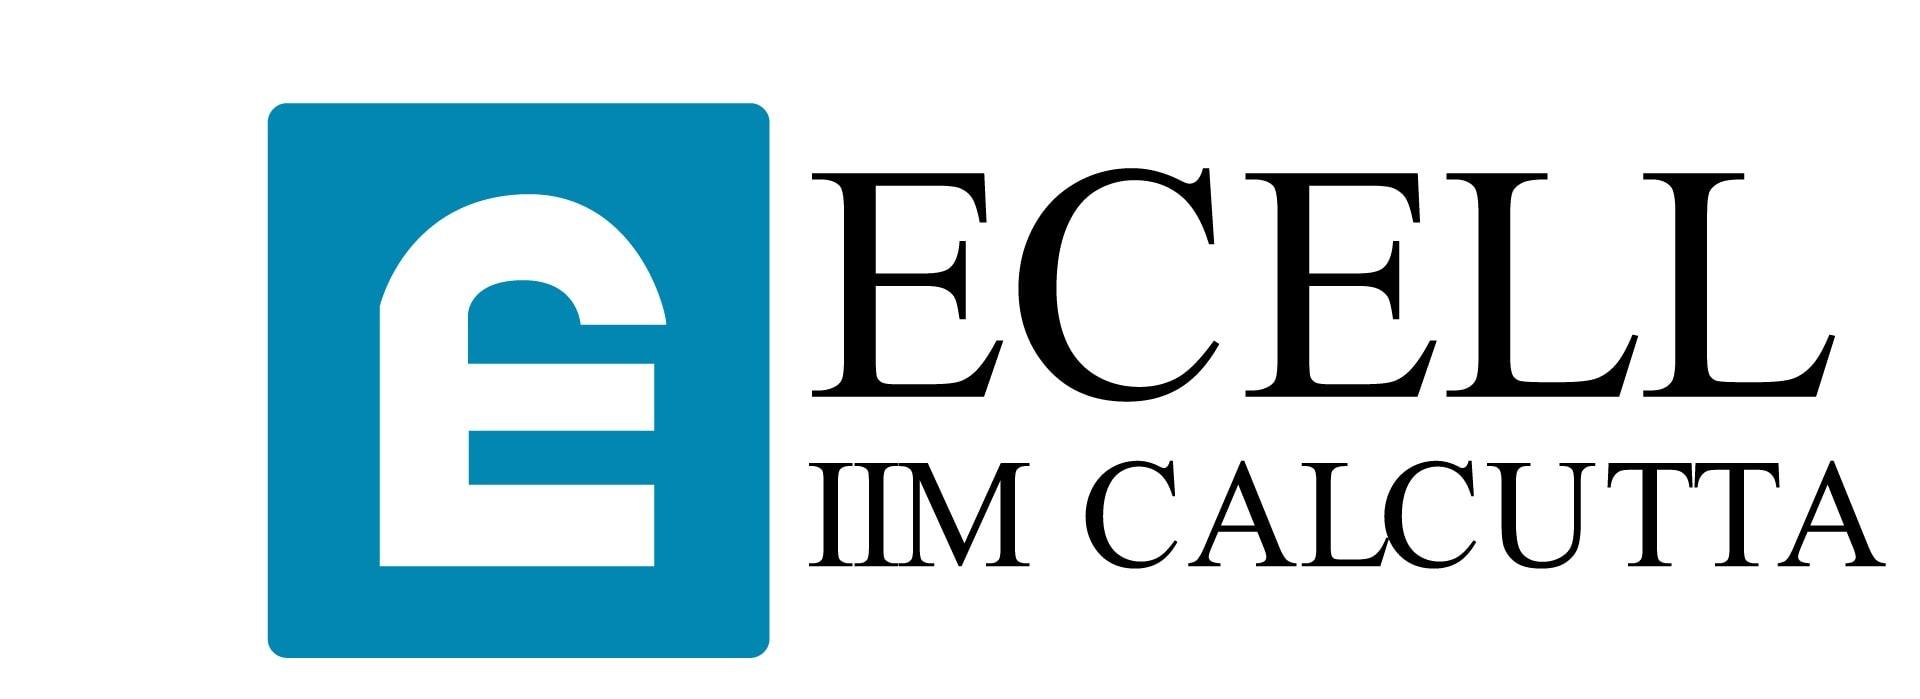 E-cell IIMC